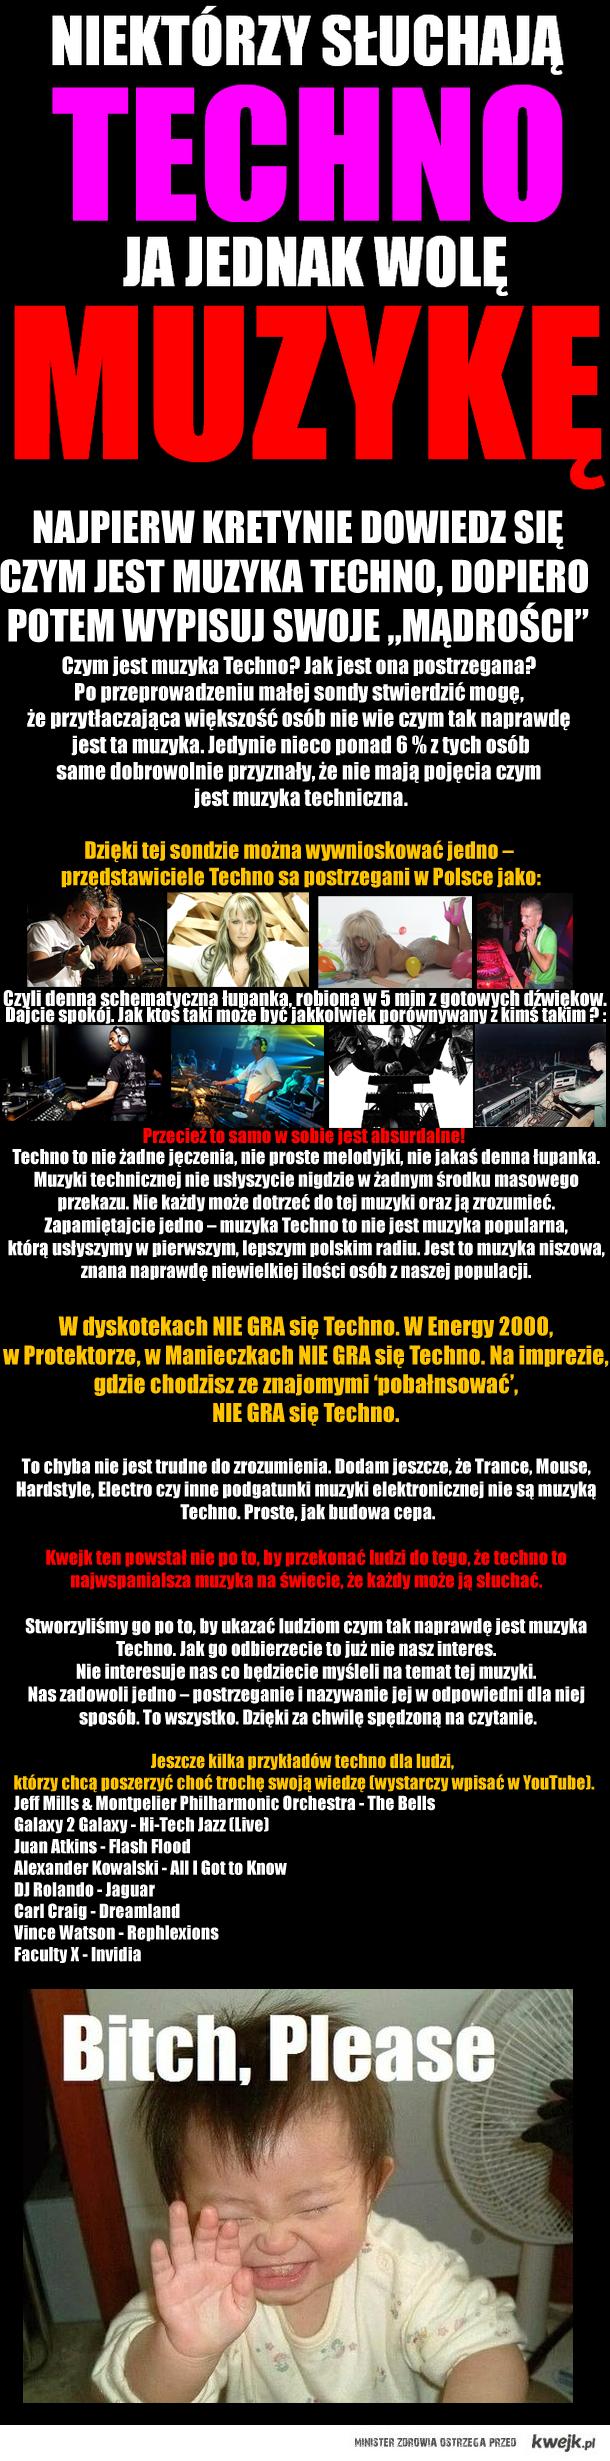 Re:Re:Techno